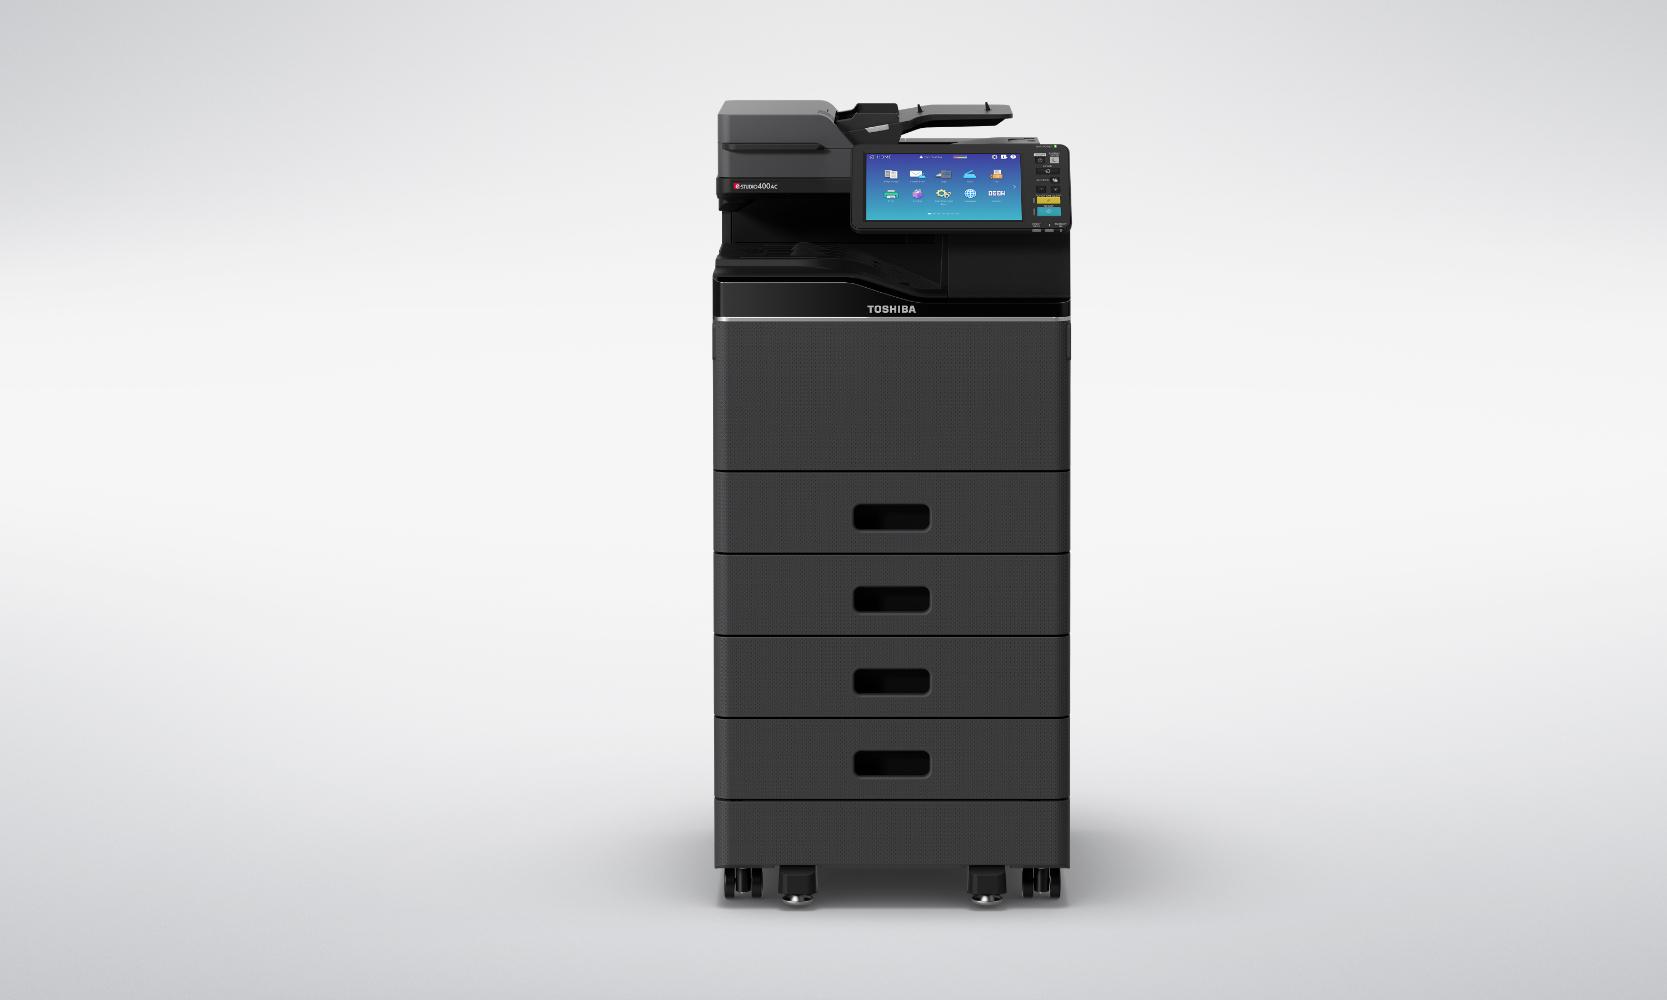 e-STUDIO400AC von Toshiba.